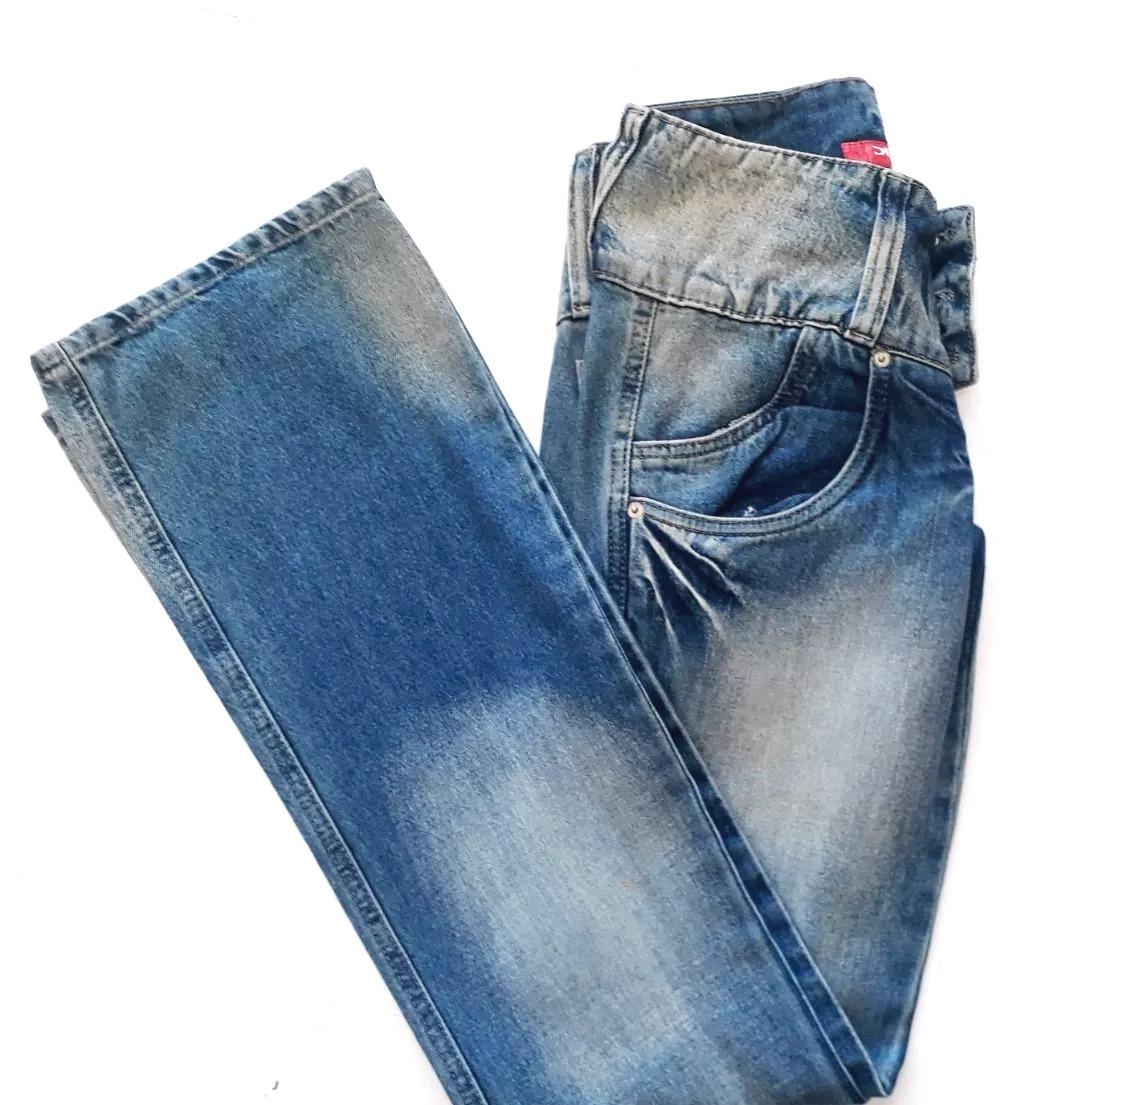 a5e67eaba Calça Jeans Azul Desbotado Feminina Denuncia - R$ 94,99 em Mercado Livre